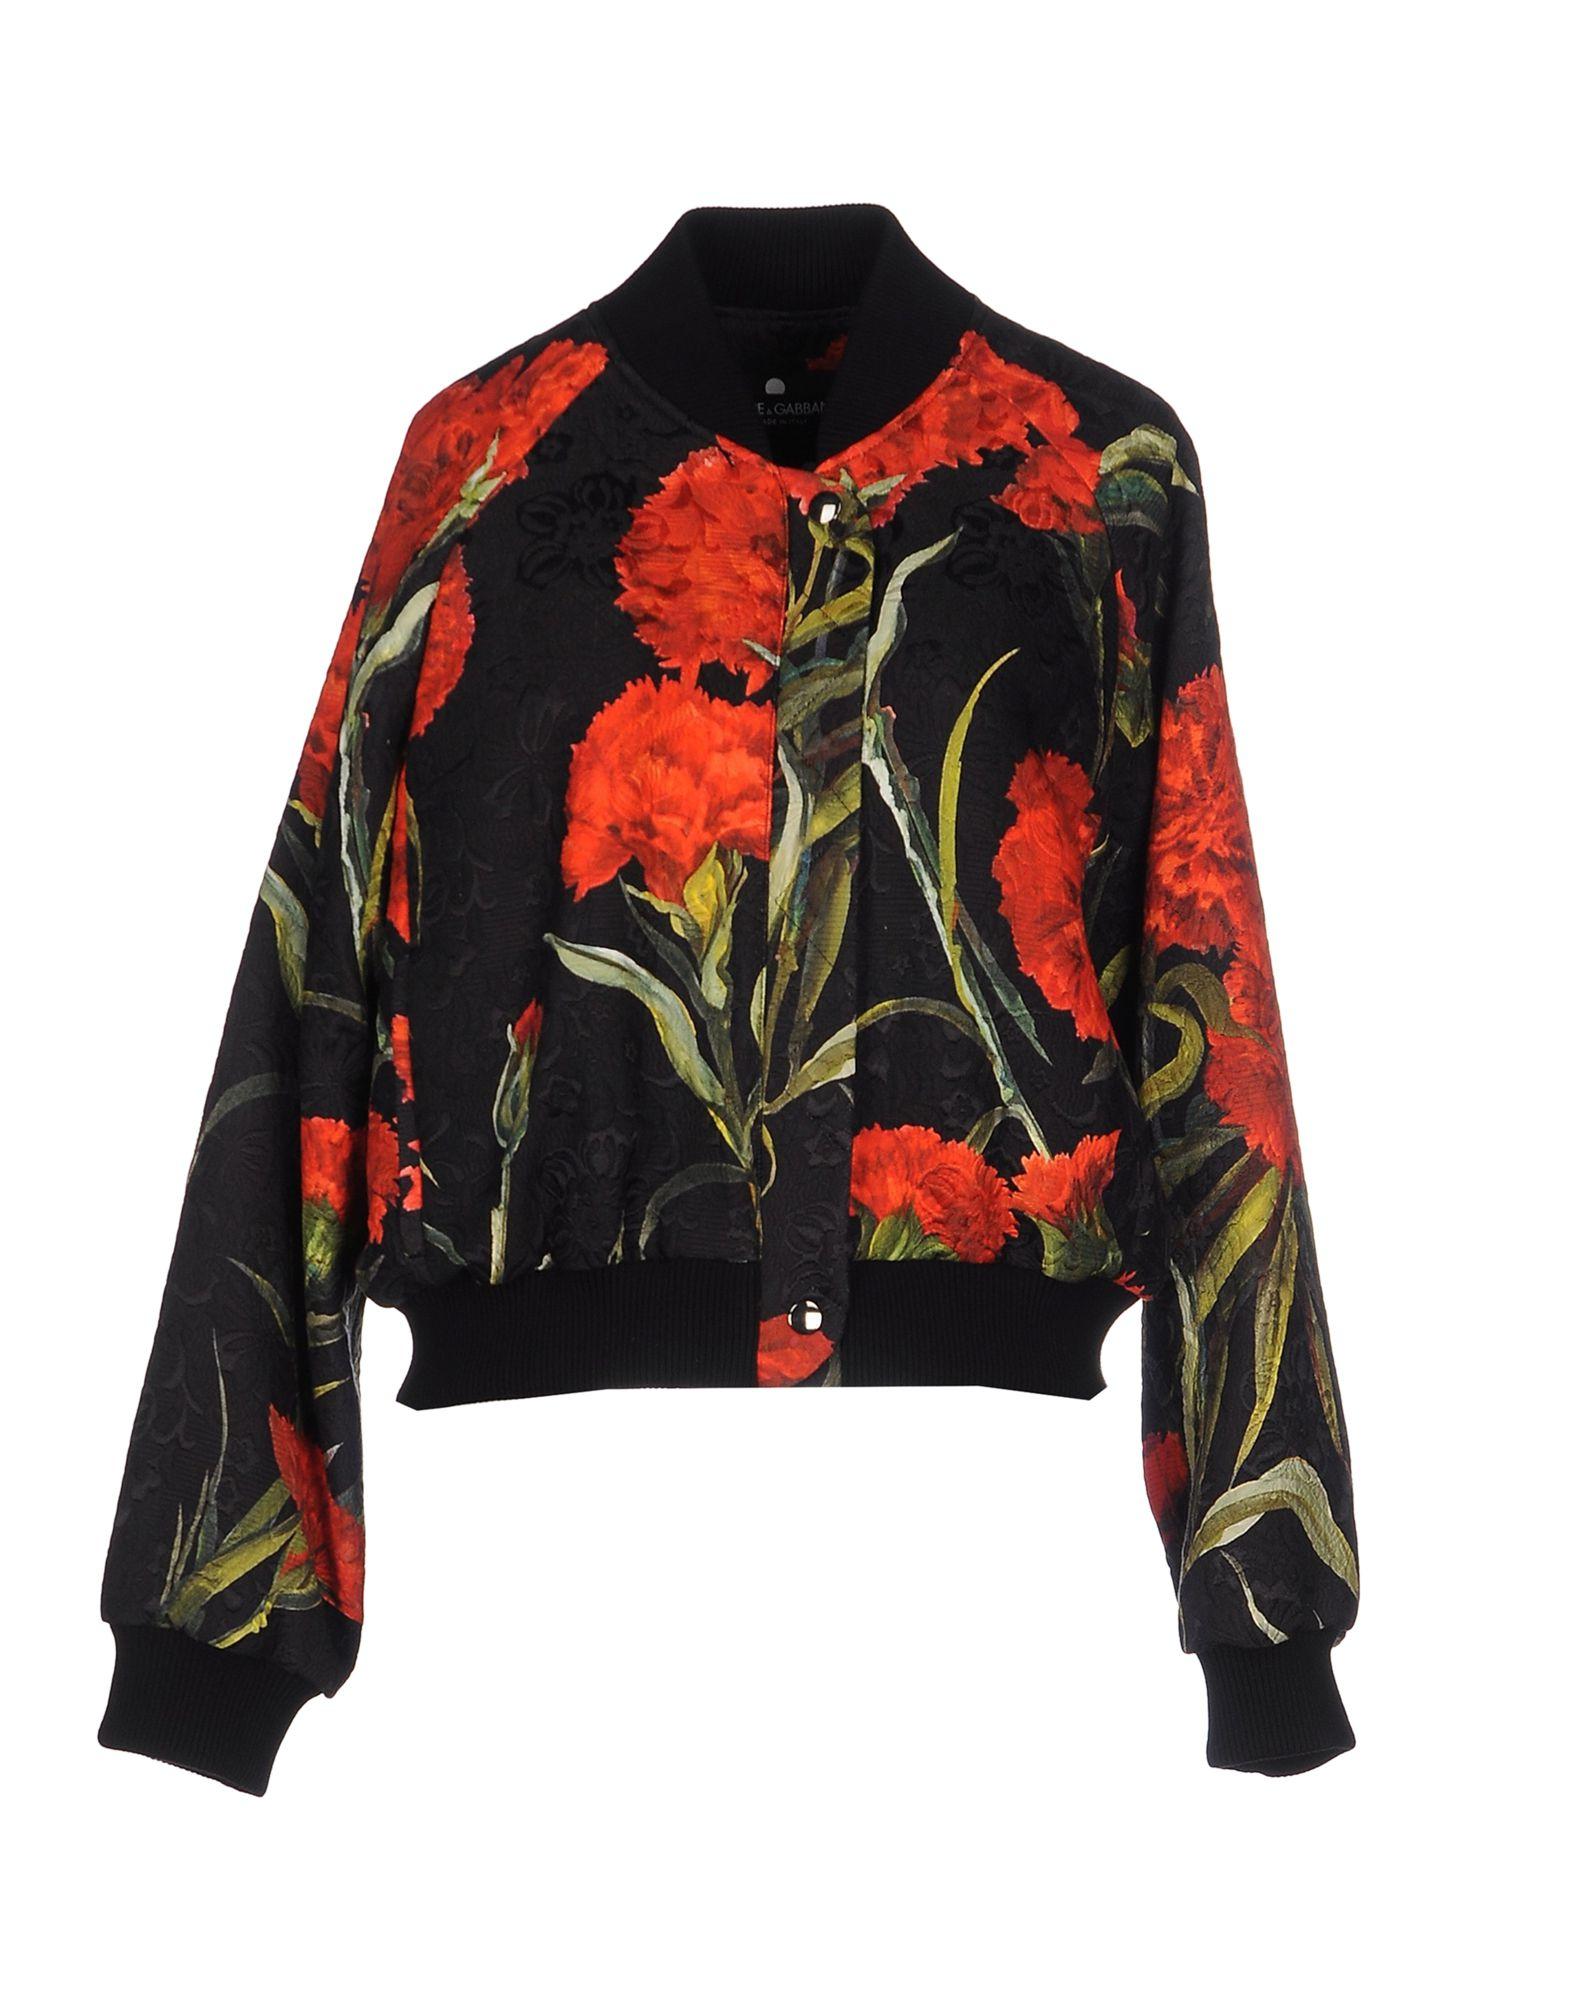 dolce gabbana jacket in floral black lyst. Black Bedroom Furniture Sets. Home Design Ideas